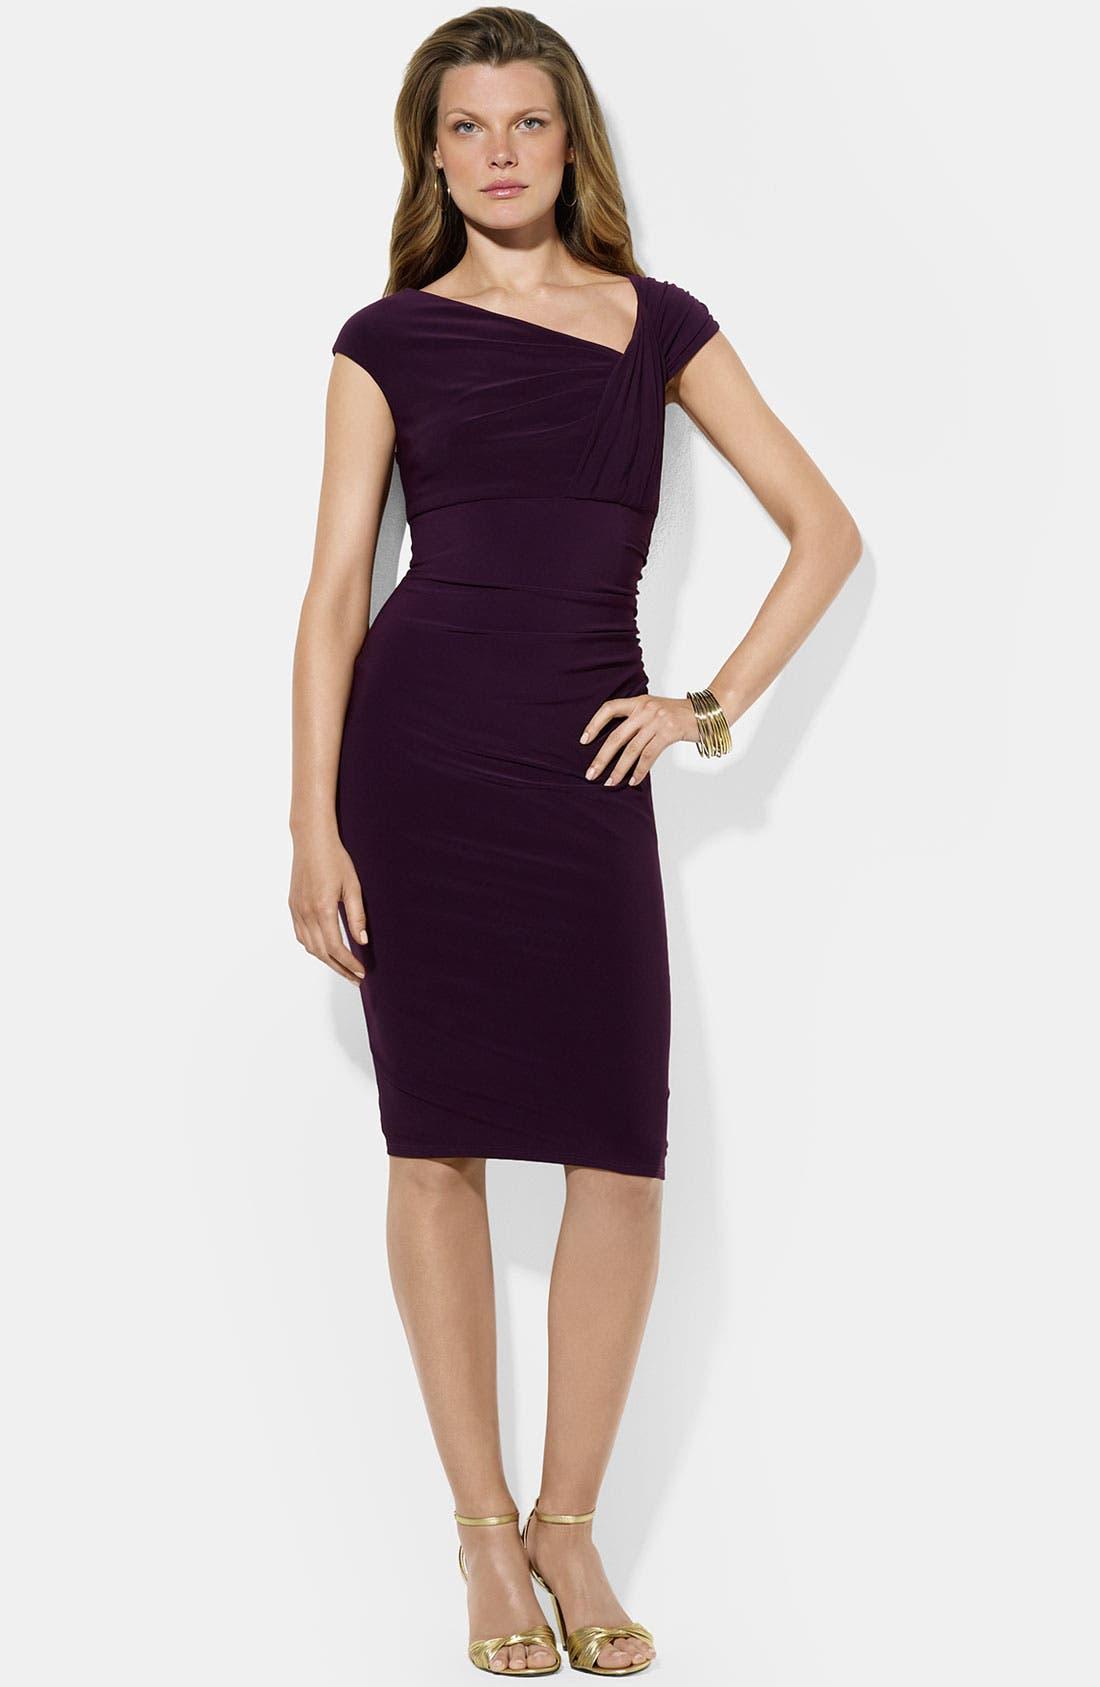 Alternate Image 1 Selected - Lauren Ralph Lauren Asymmetrical Neck Jersey Sheath Dress